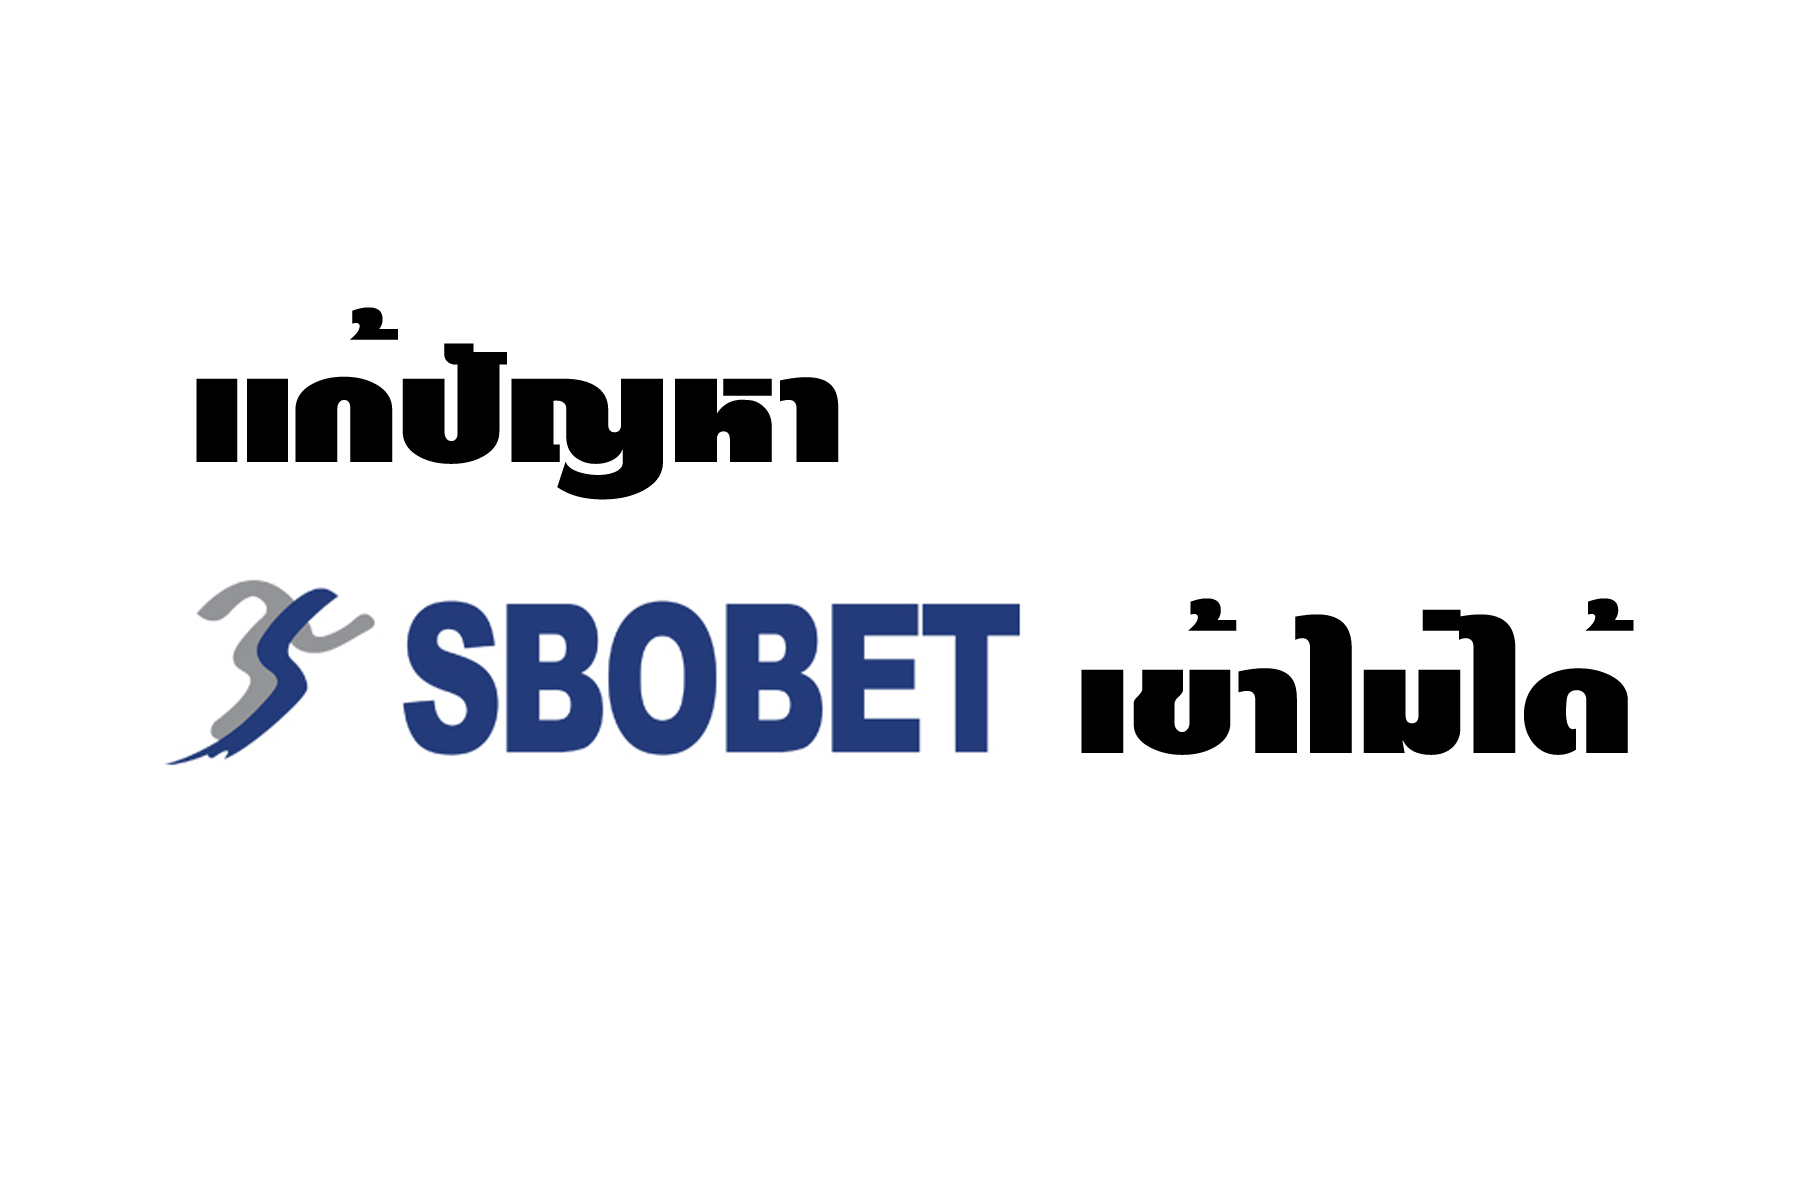 เข้า Sbobet ,สโบคาสิโน,